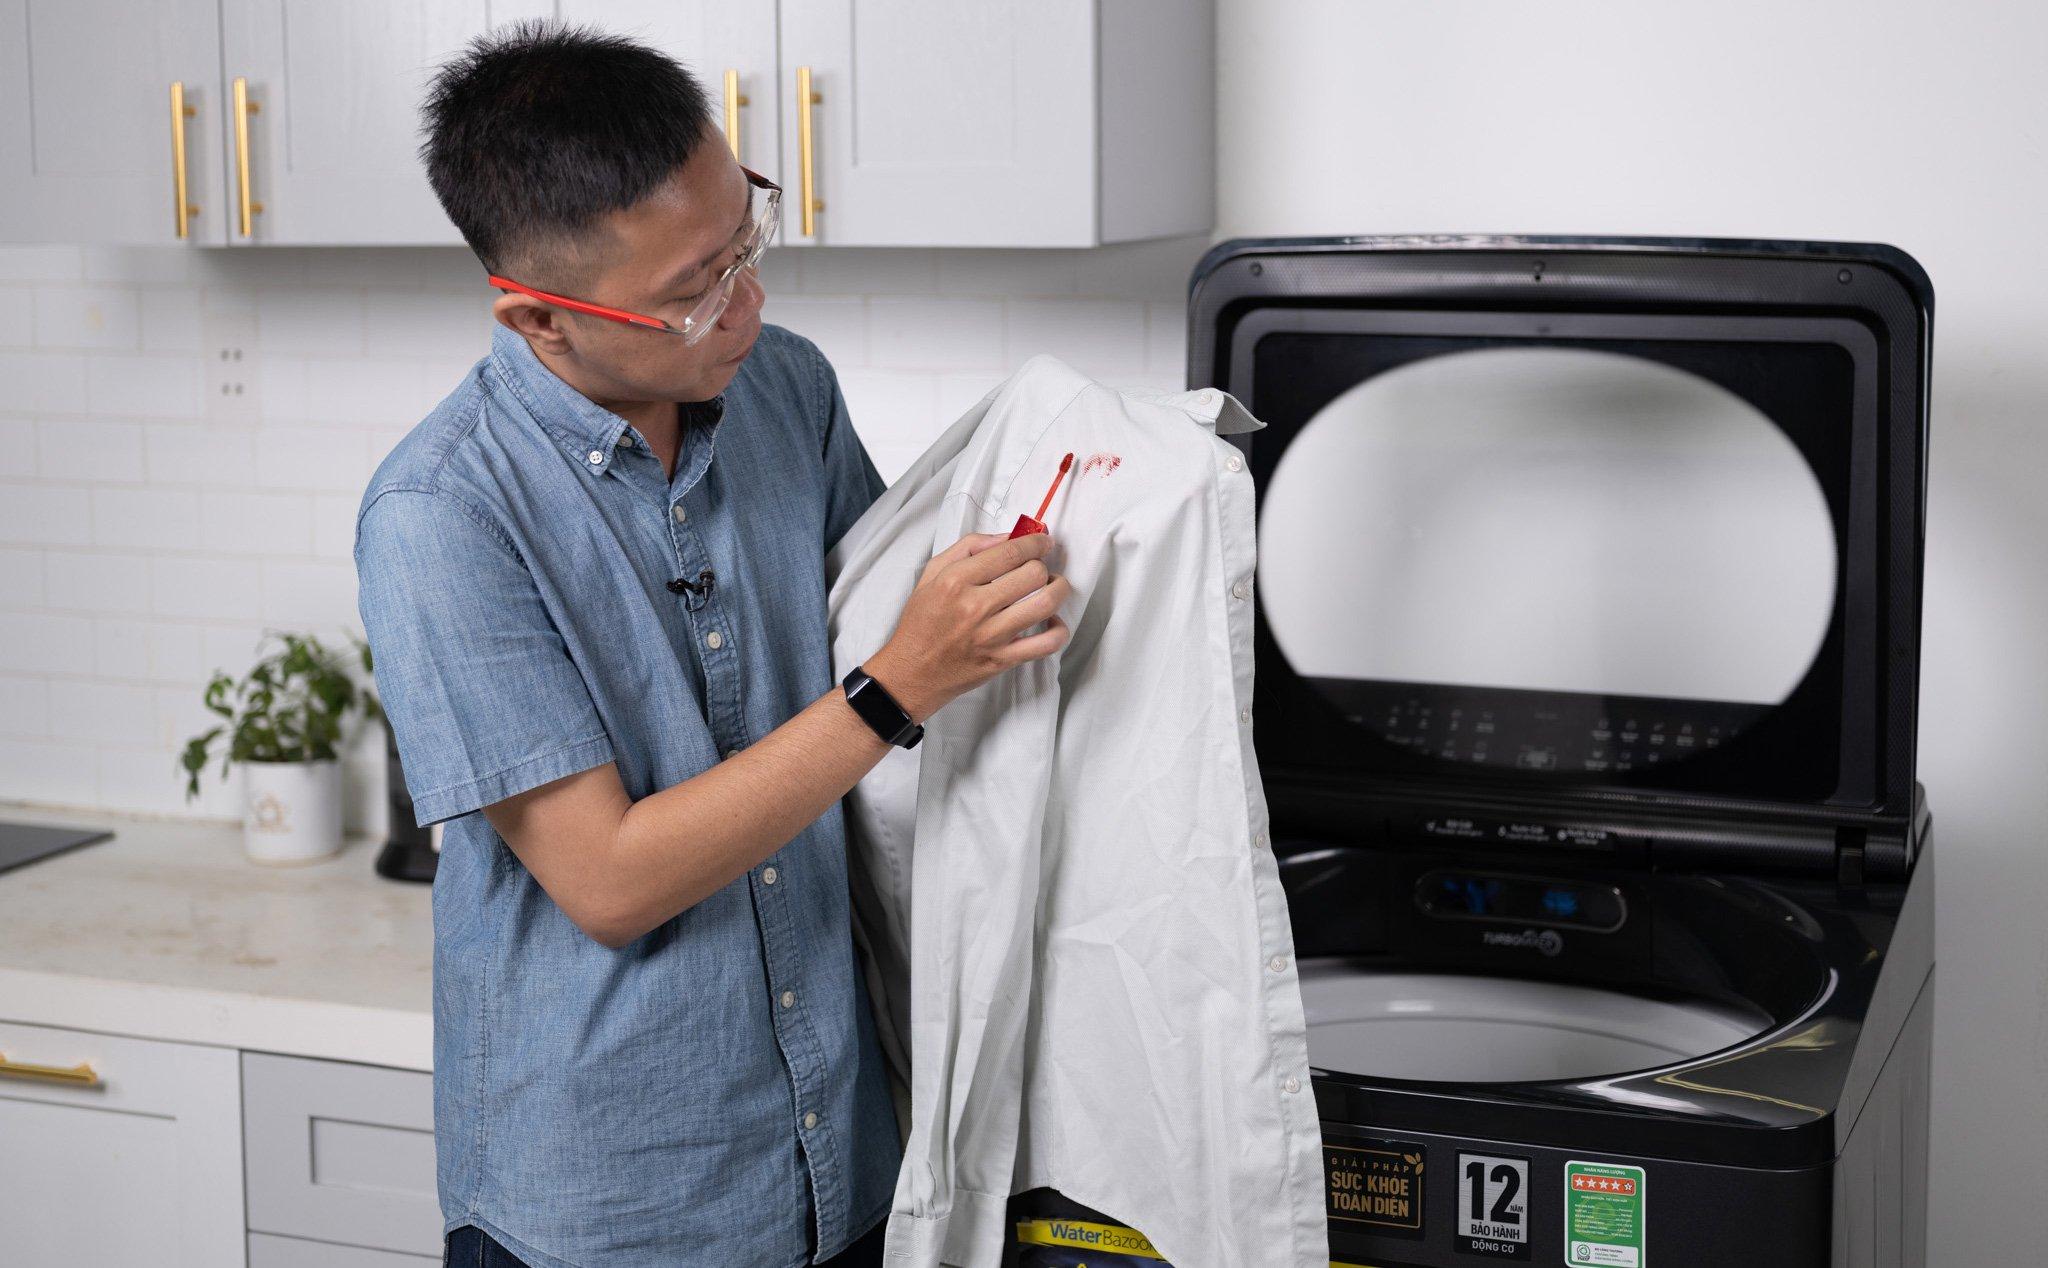 Máy giặt cửa trên 12.5kg Panasonic NA-FD125V1BV: nước nóng giặt sạch, diệt khuẩn, đỡ nhăn